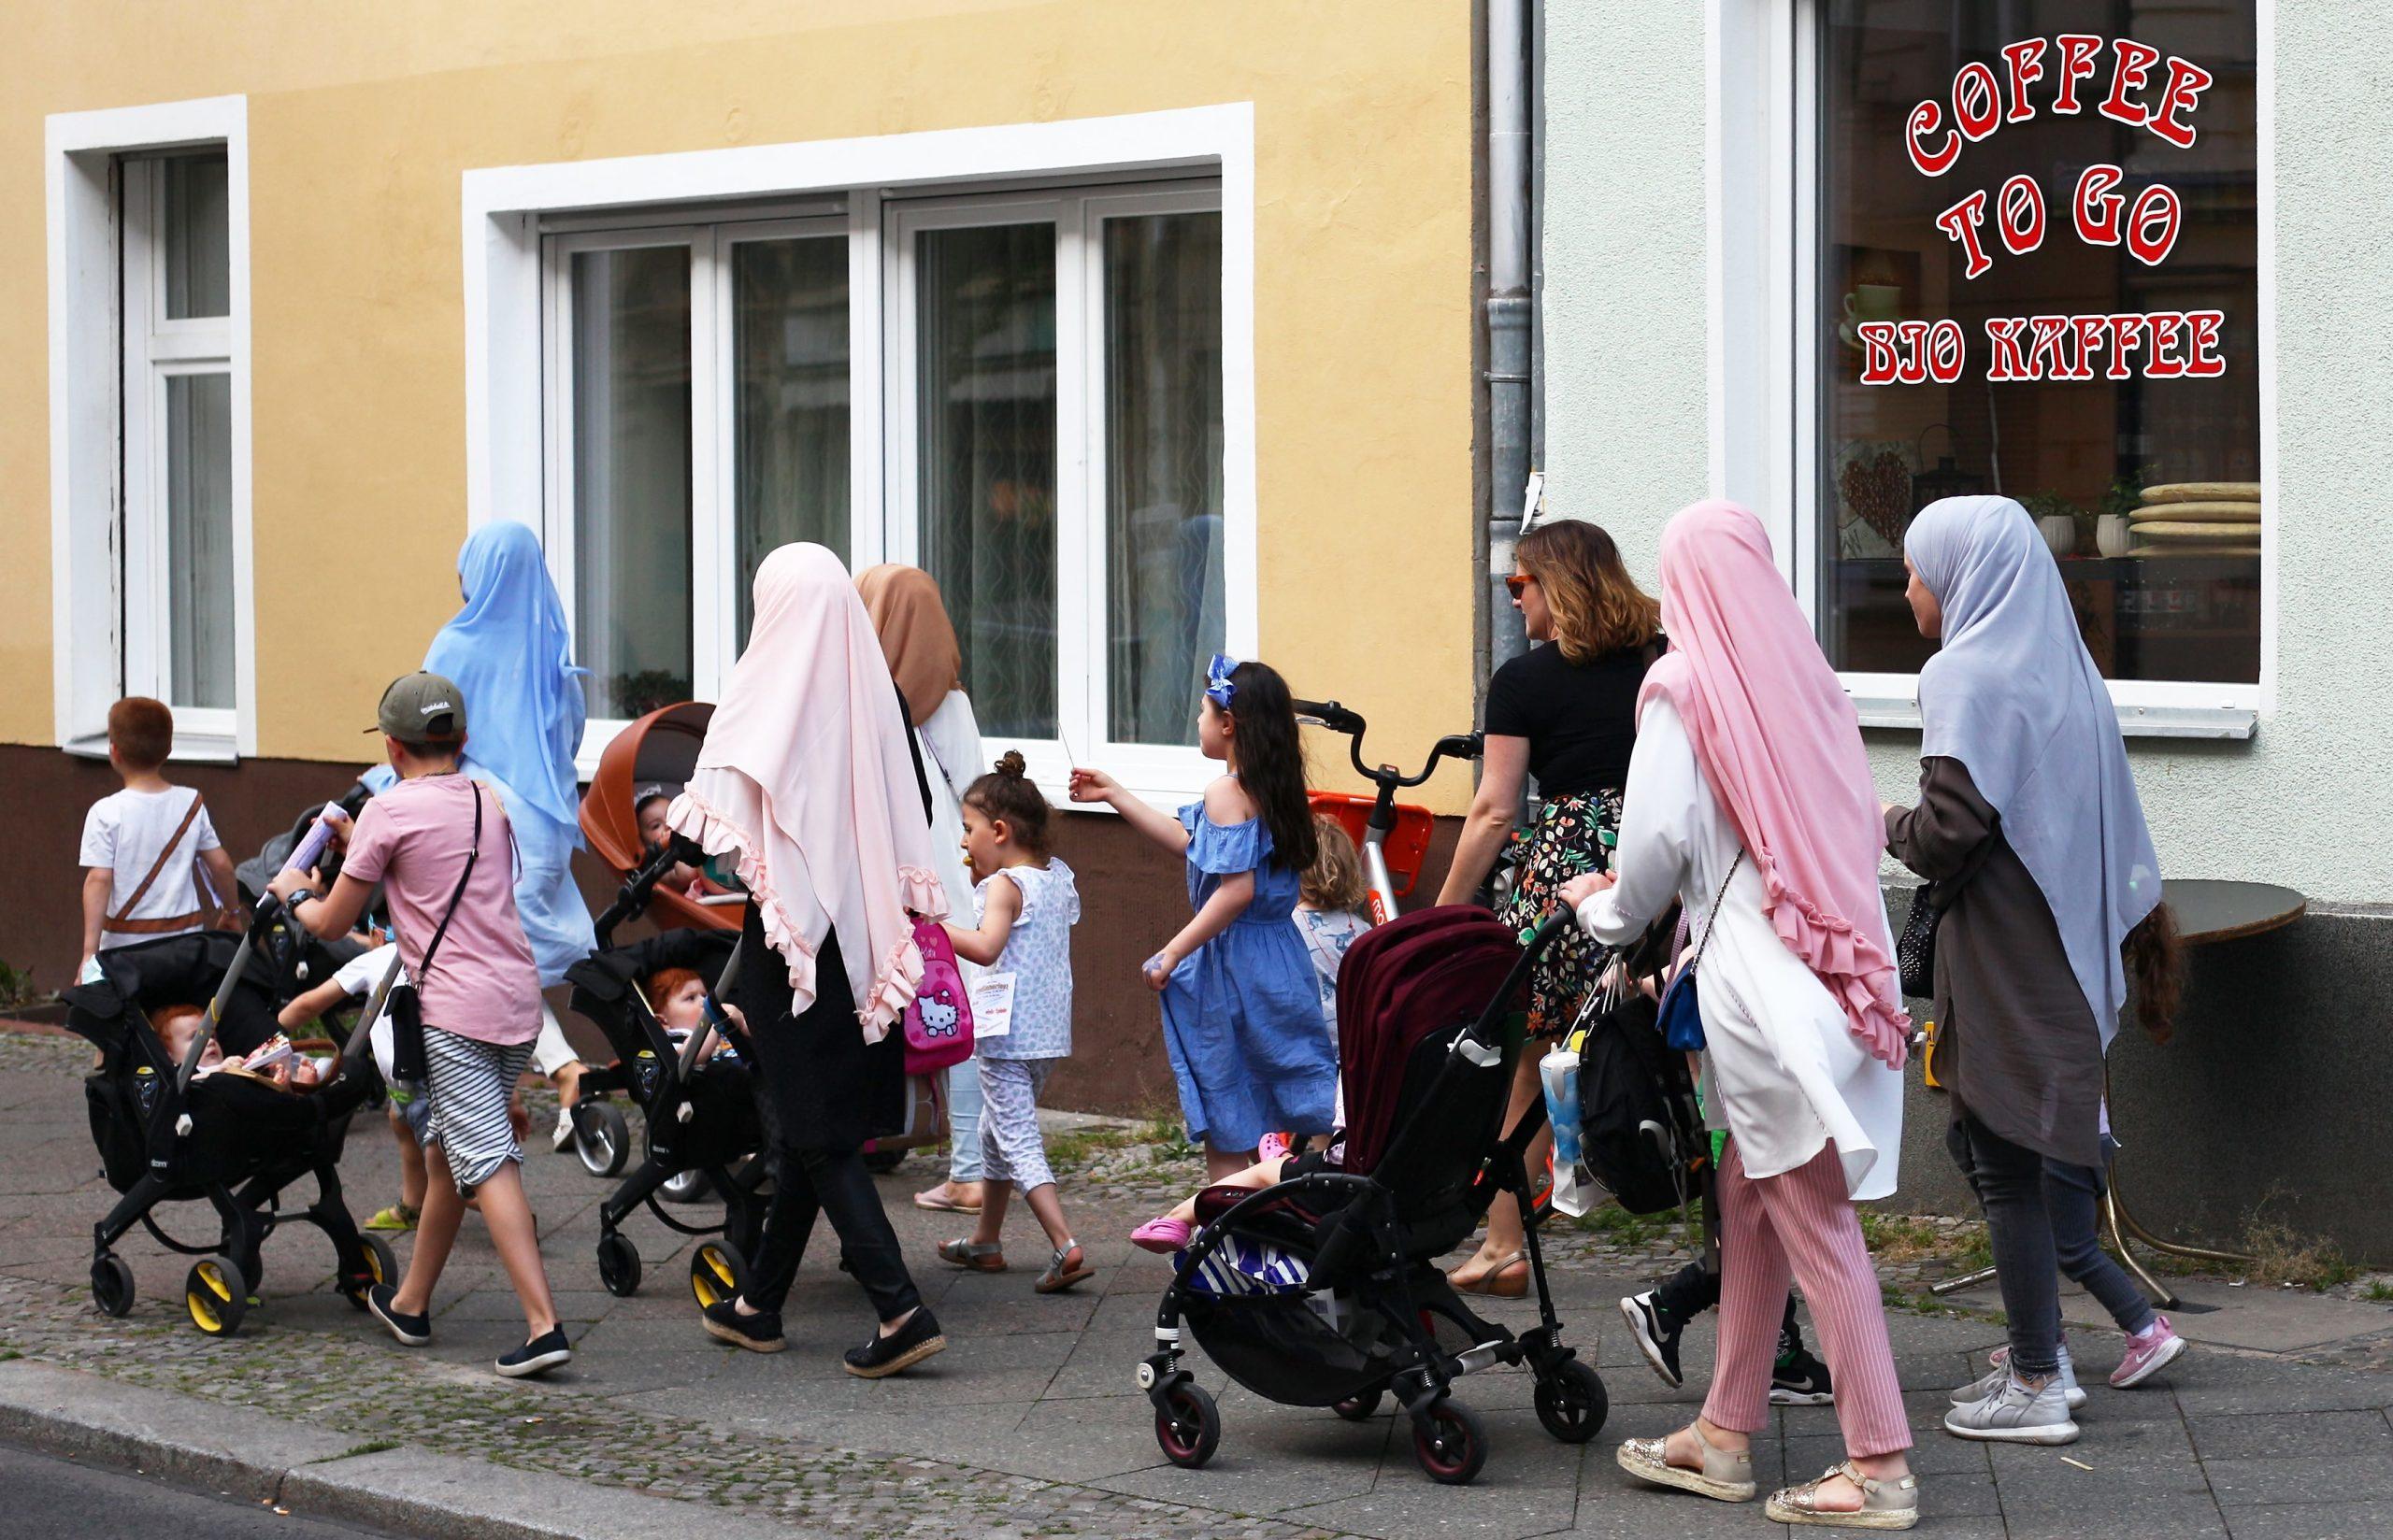 Migrationsbericht: Immer weniger Deutsche, immer mehr Ausländer